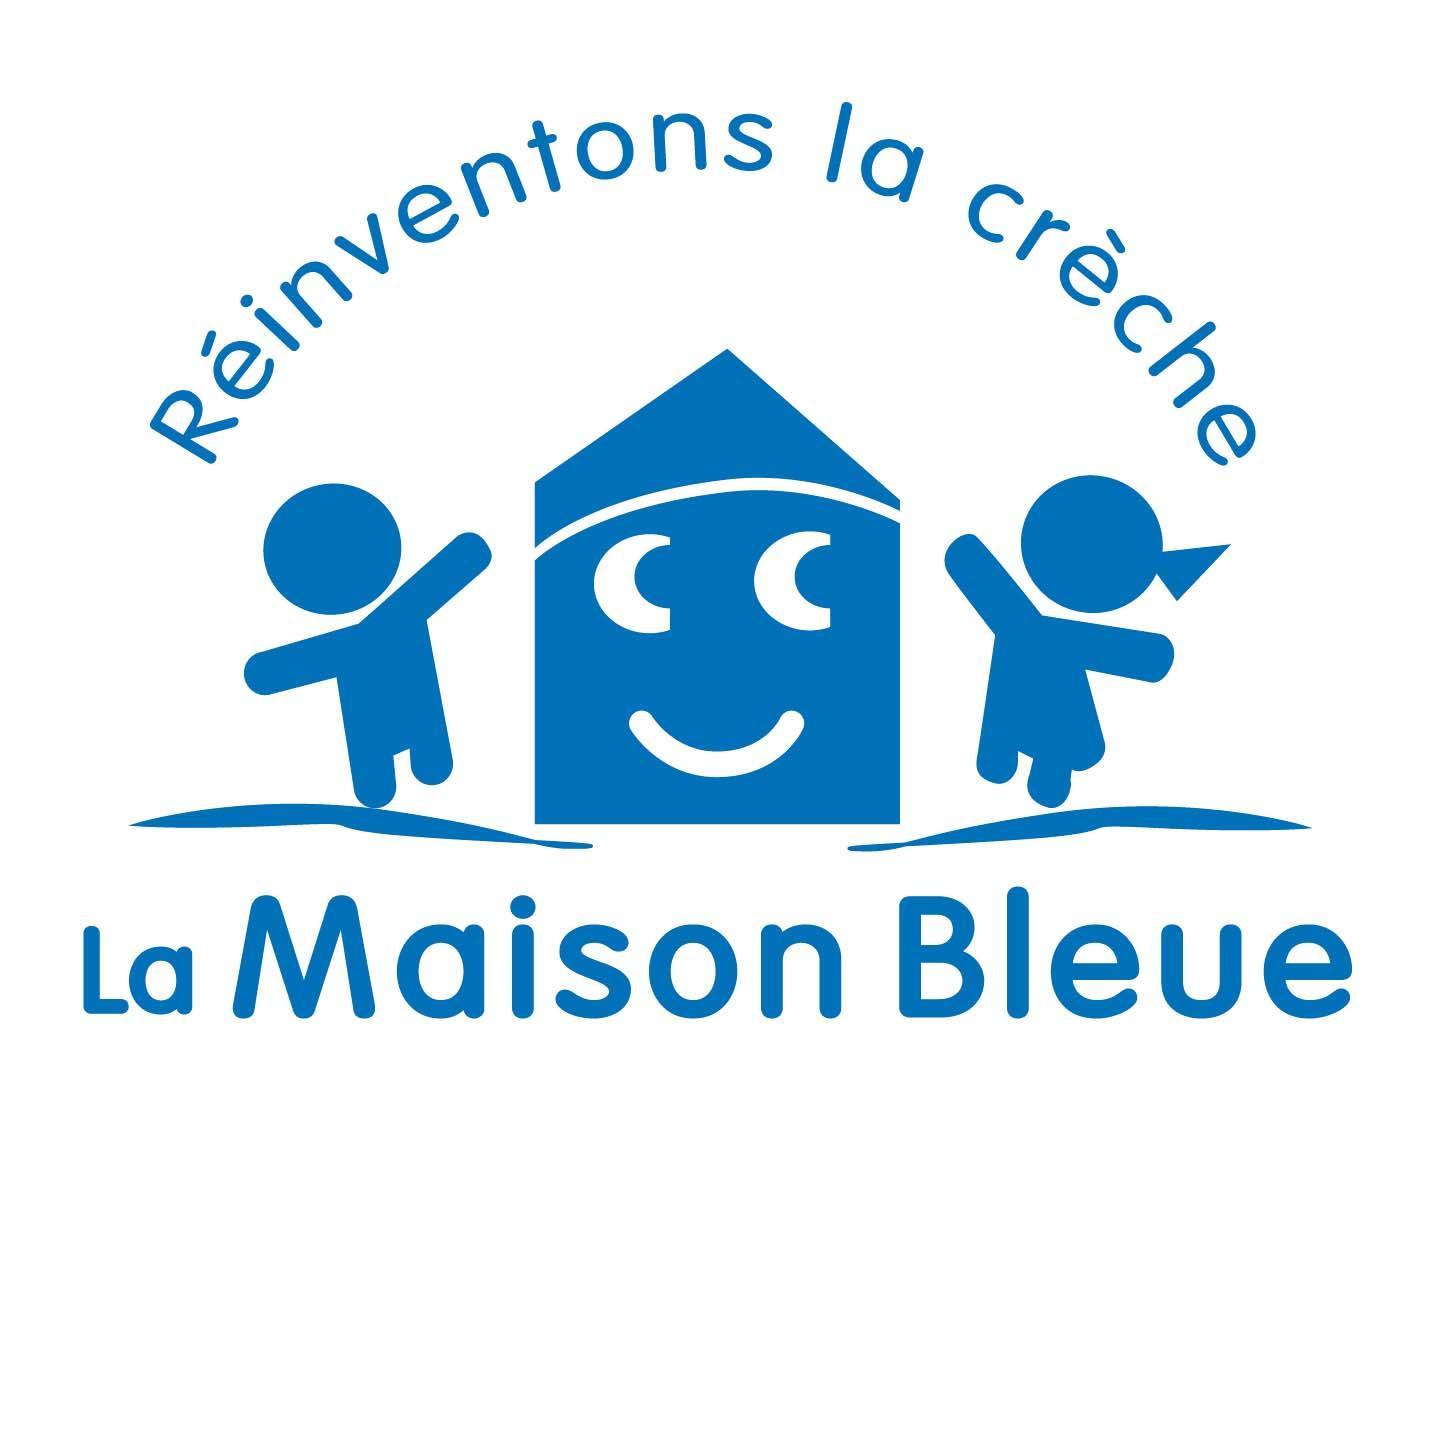 Directeur d 39 etablissement d 39 accueil du jeune enfant h f lesprosdelapetiteenfance - La maison bleue chanson ...